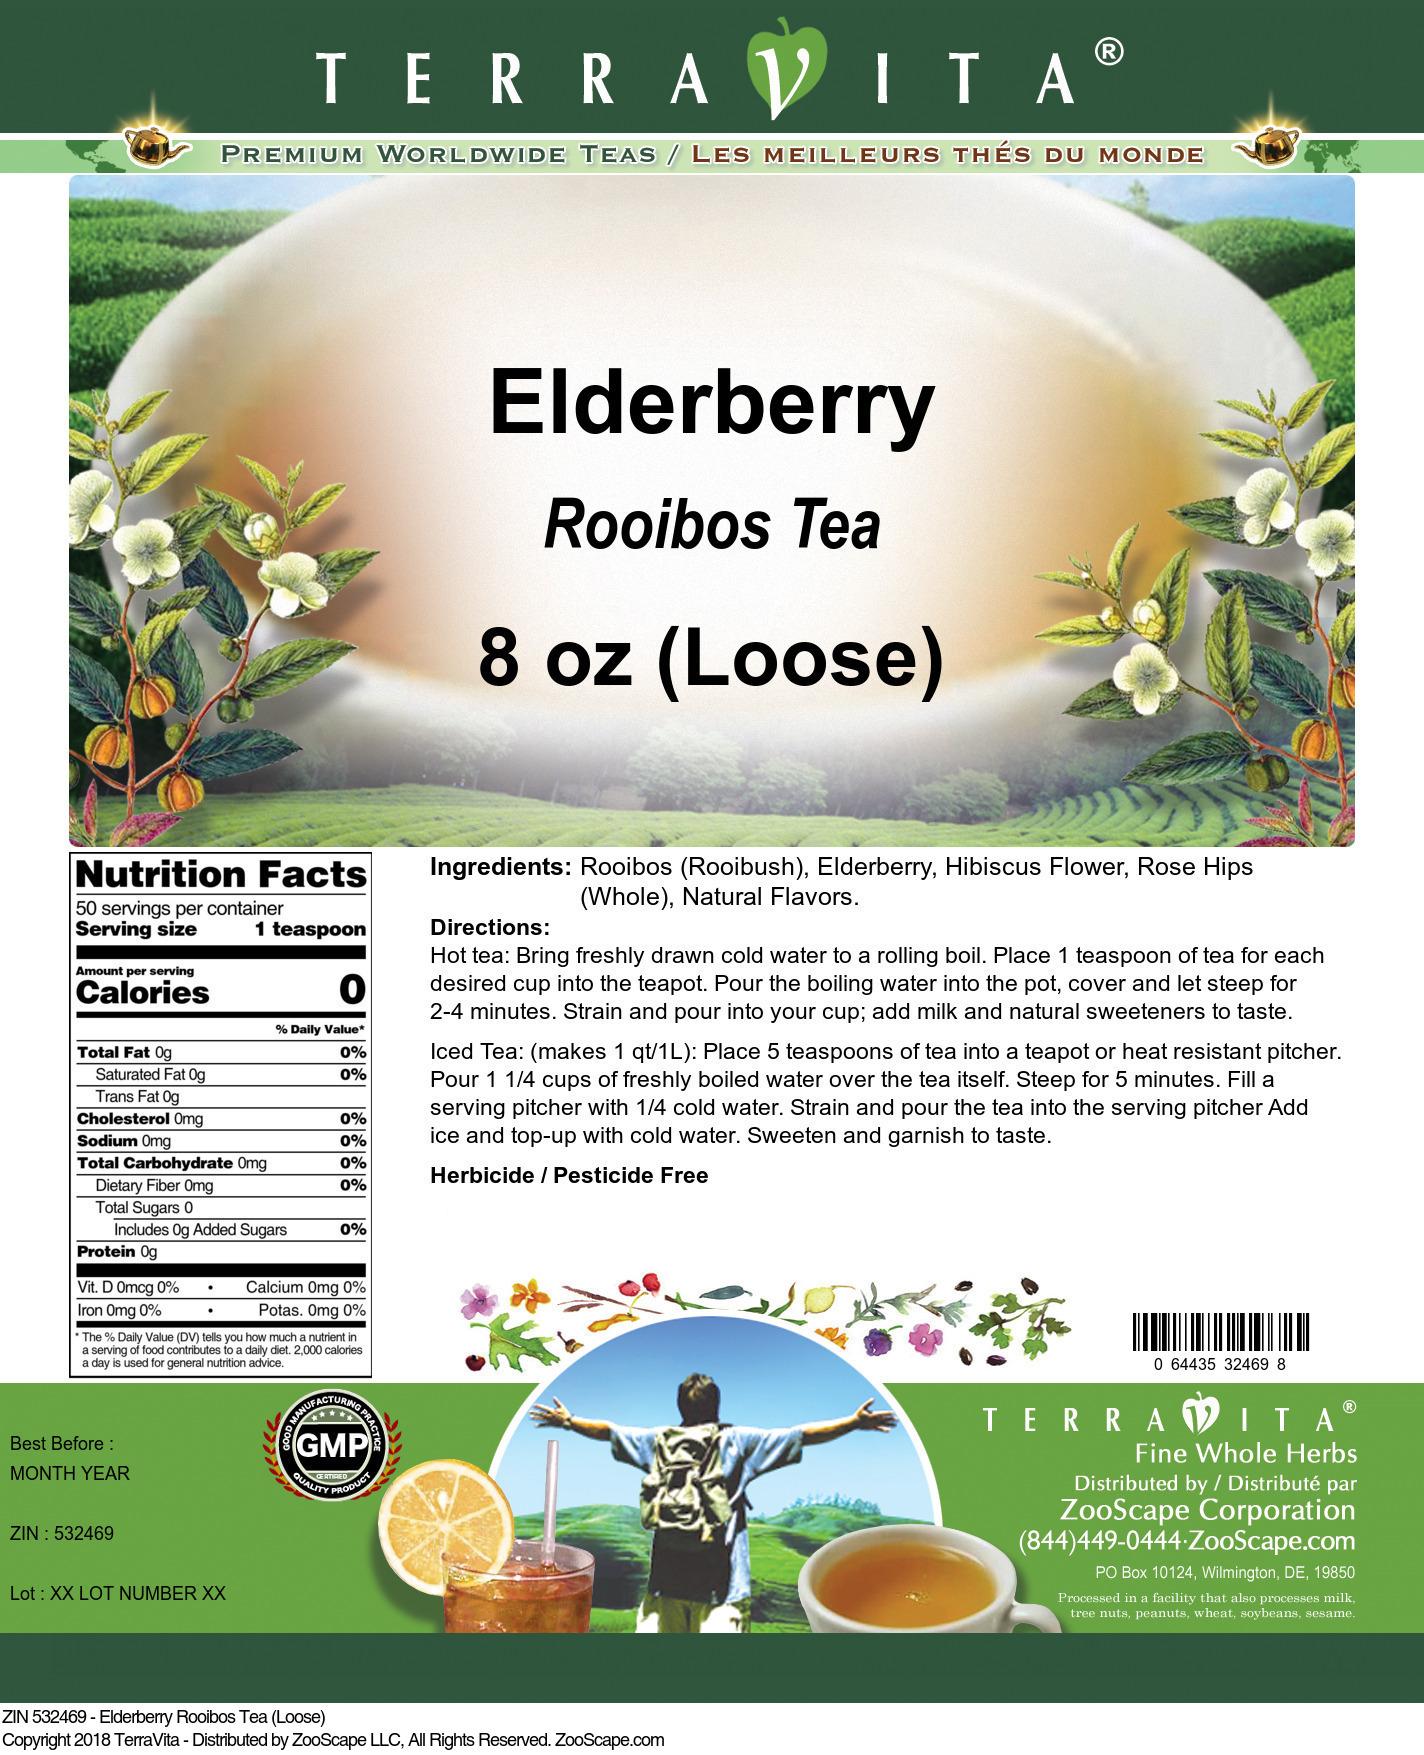 Elderberry Rooibos Tea (Loose)